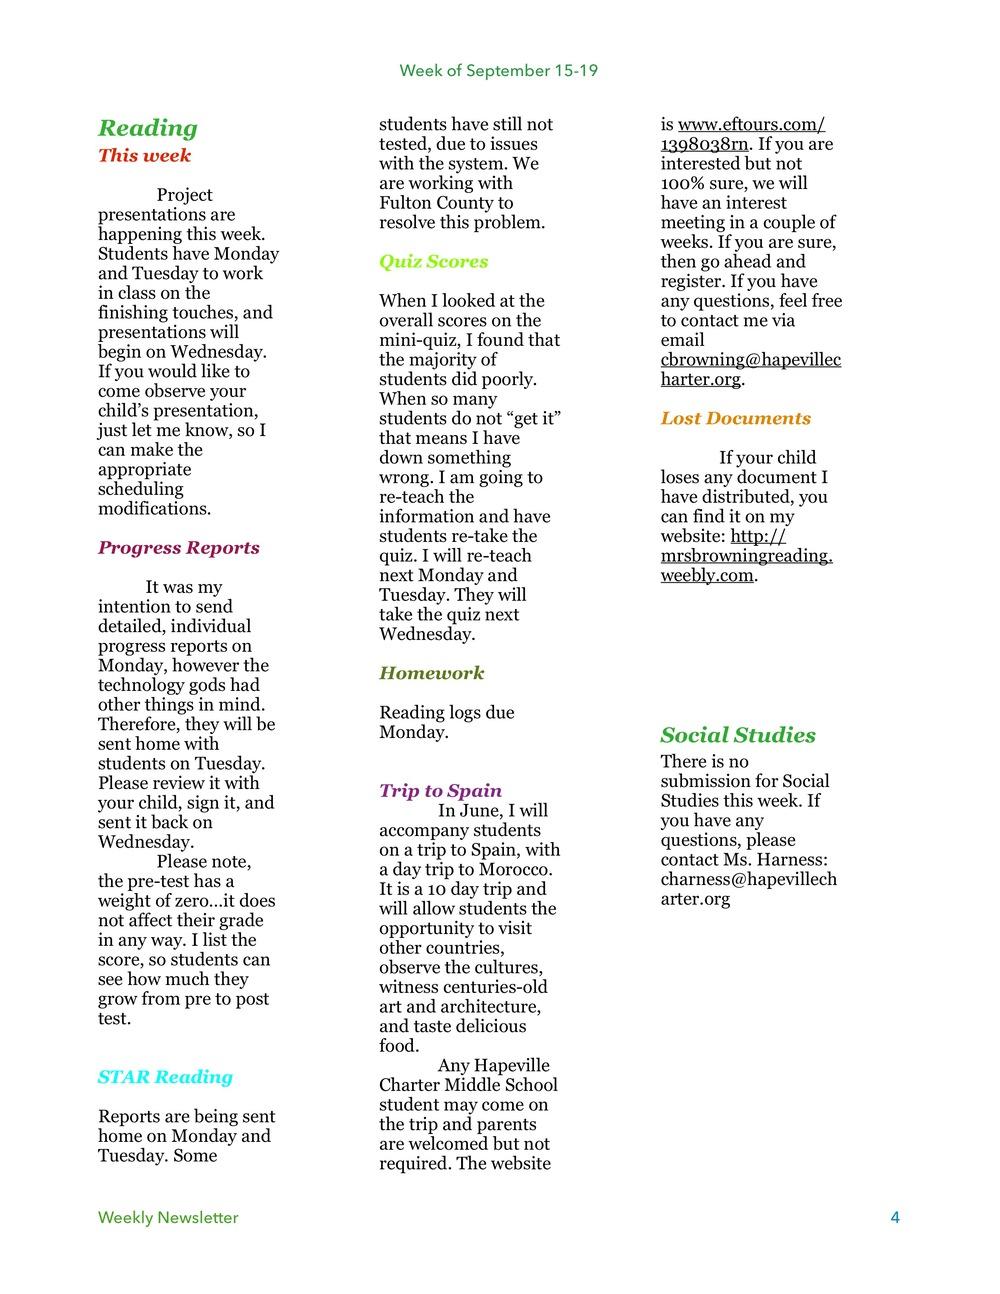 Newsletter ImageSeptember 15-19pdf 4.jpeg